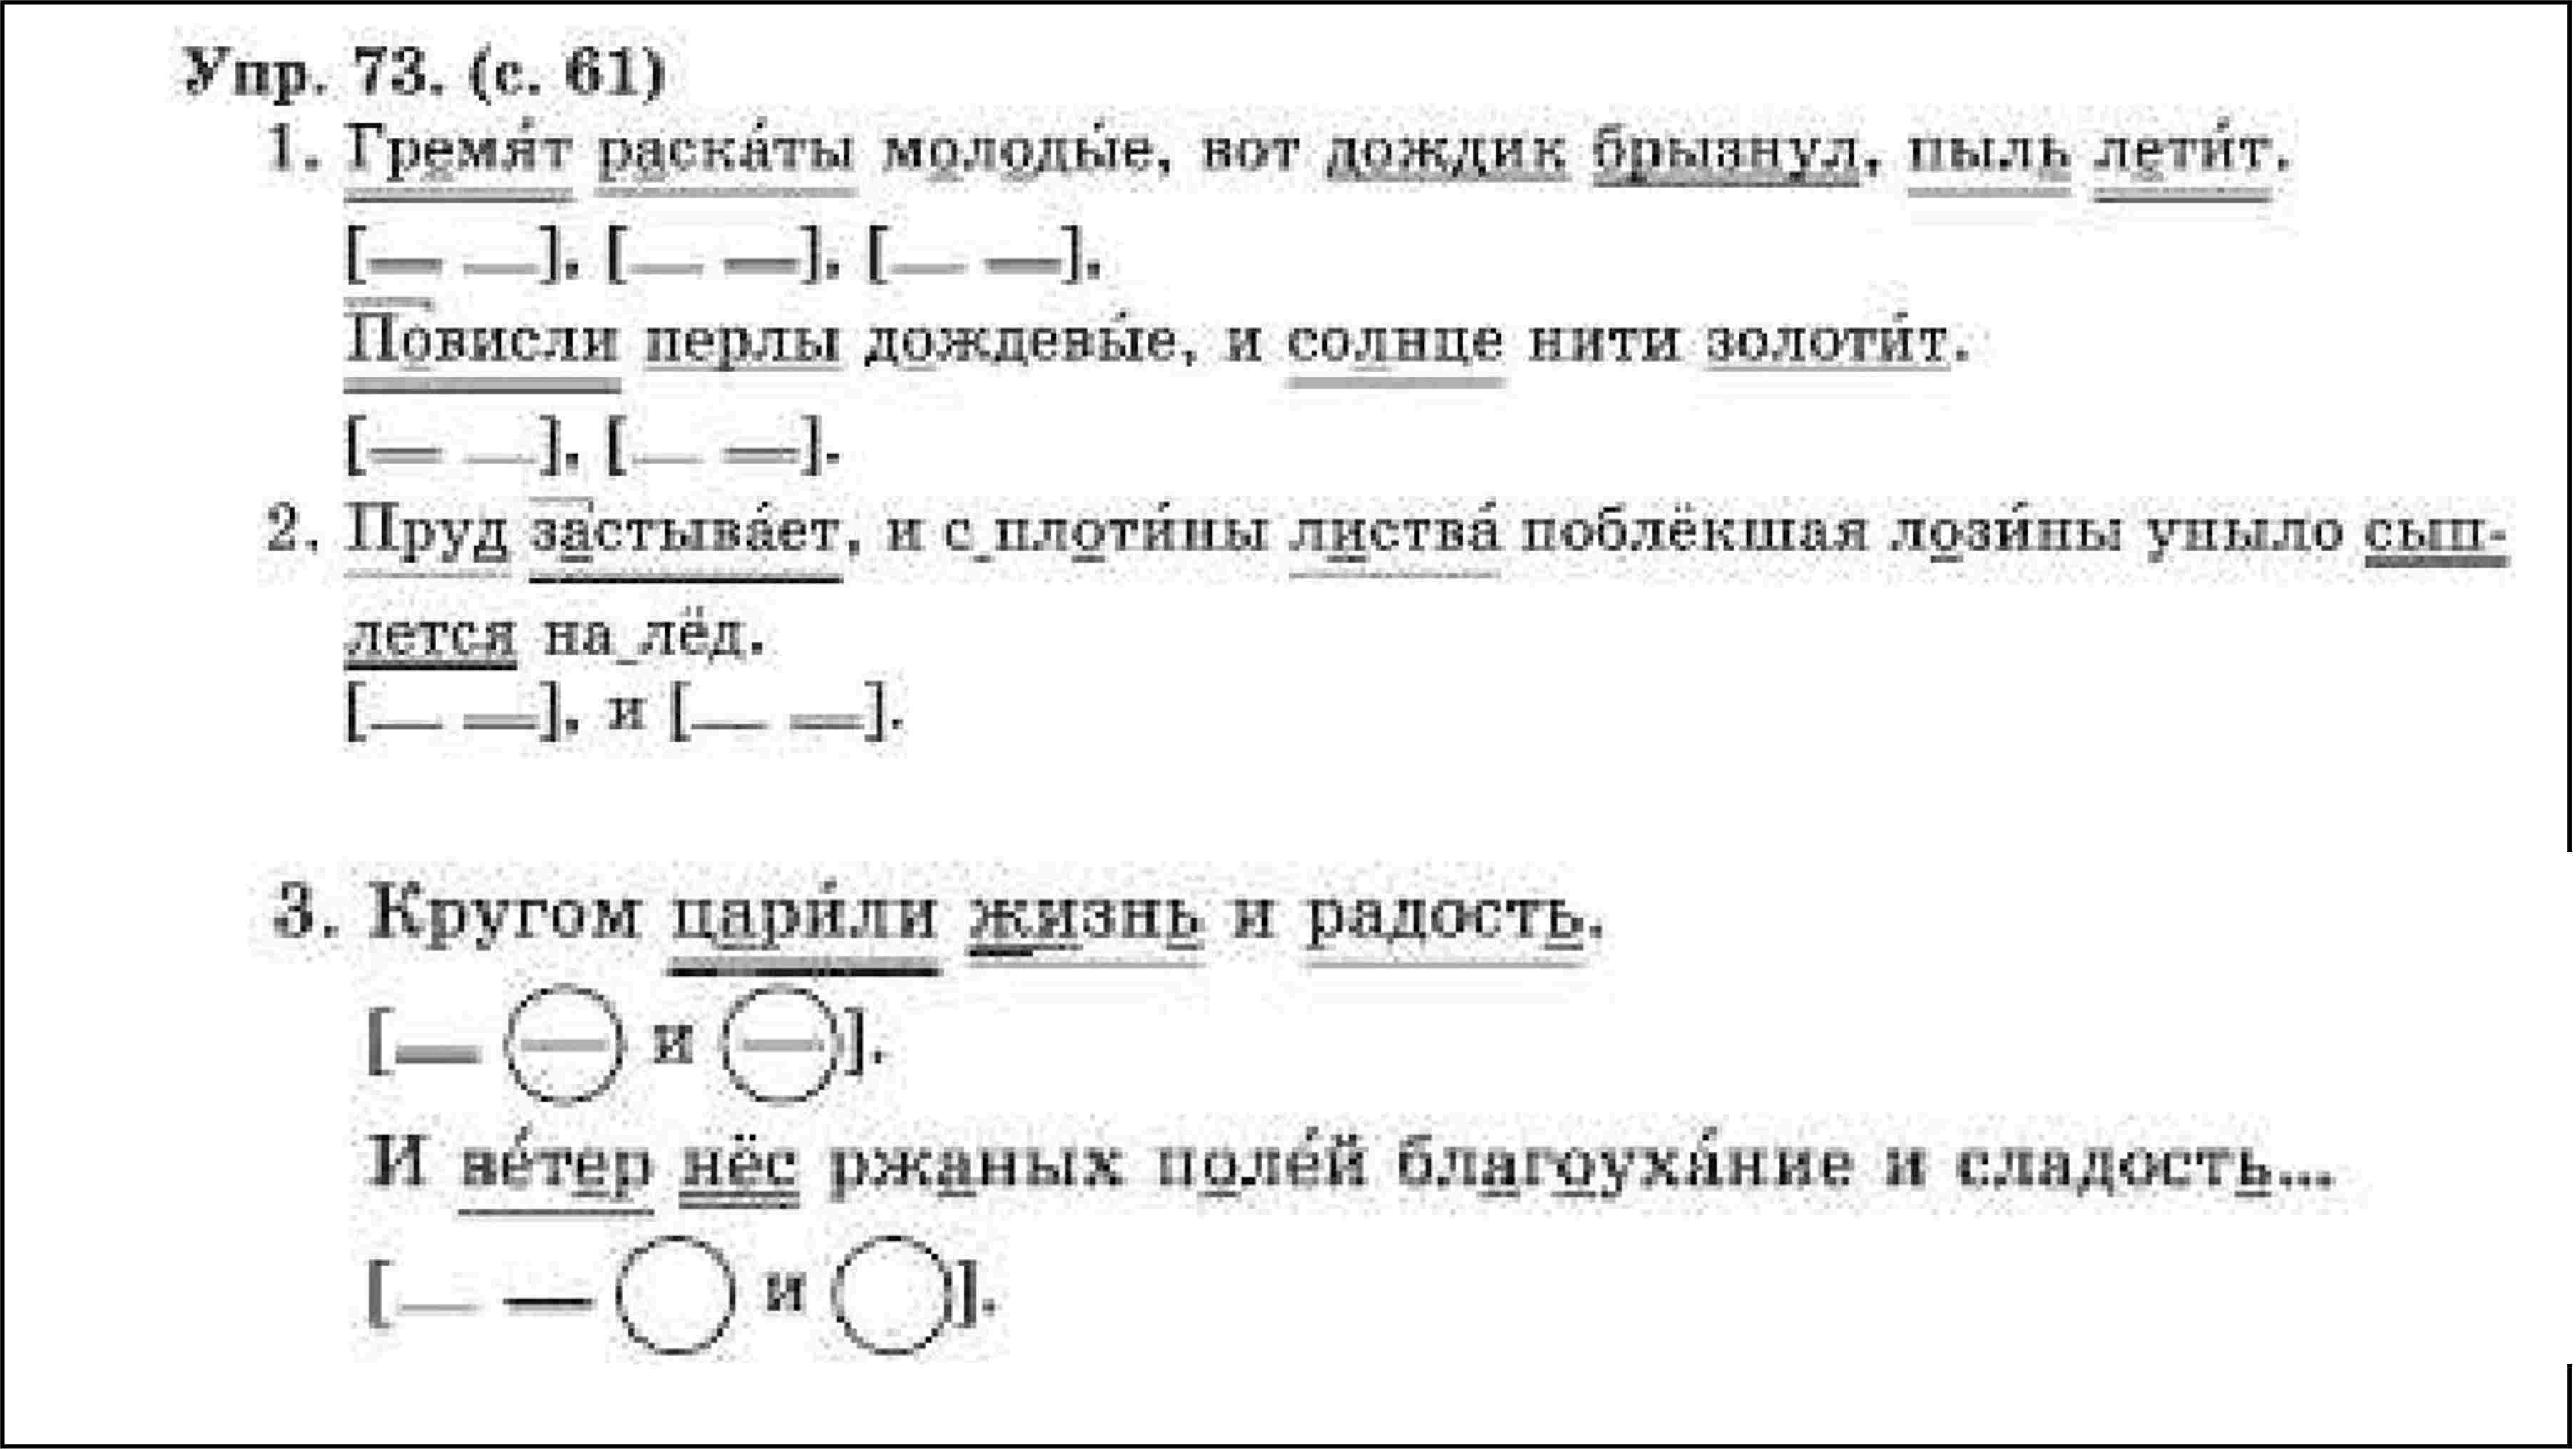 Календарно-тематическое планирование по казахстана 10-11 класса естественно-математического направления